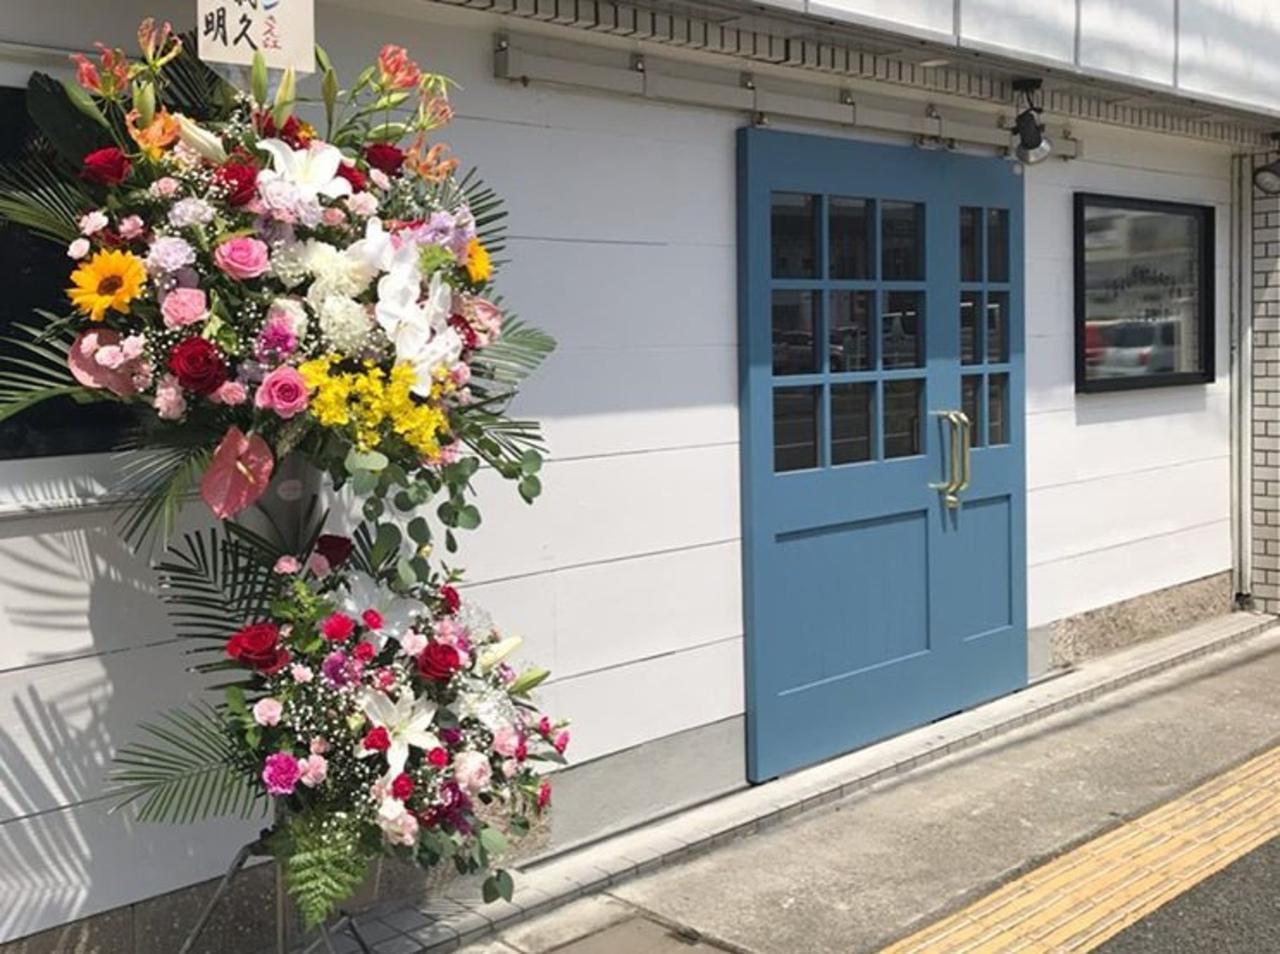 熊本市中央区九品寺4丁目にパン屋「1pain(イチパン)」がプレオープンされたようです。